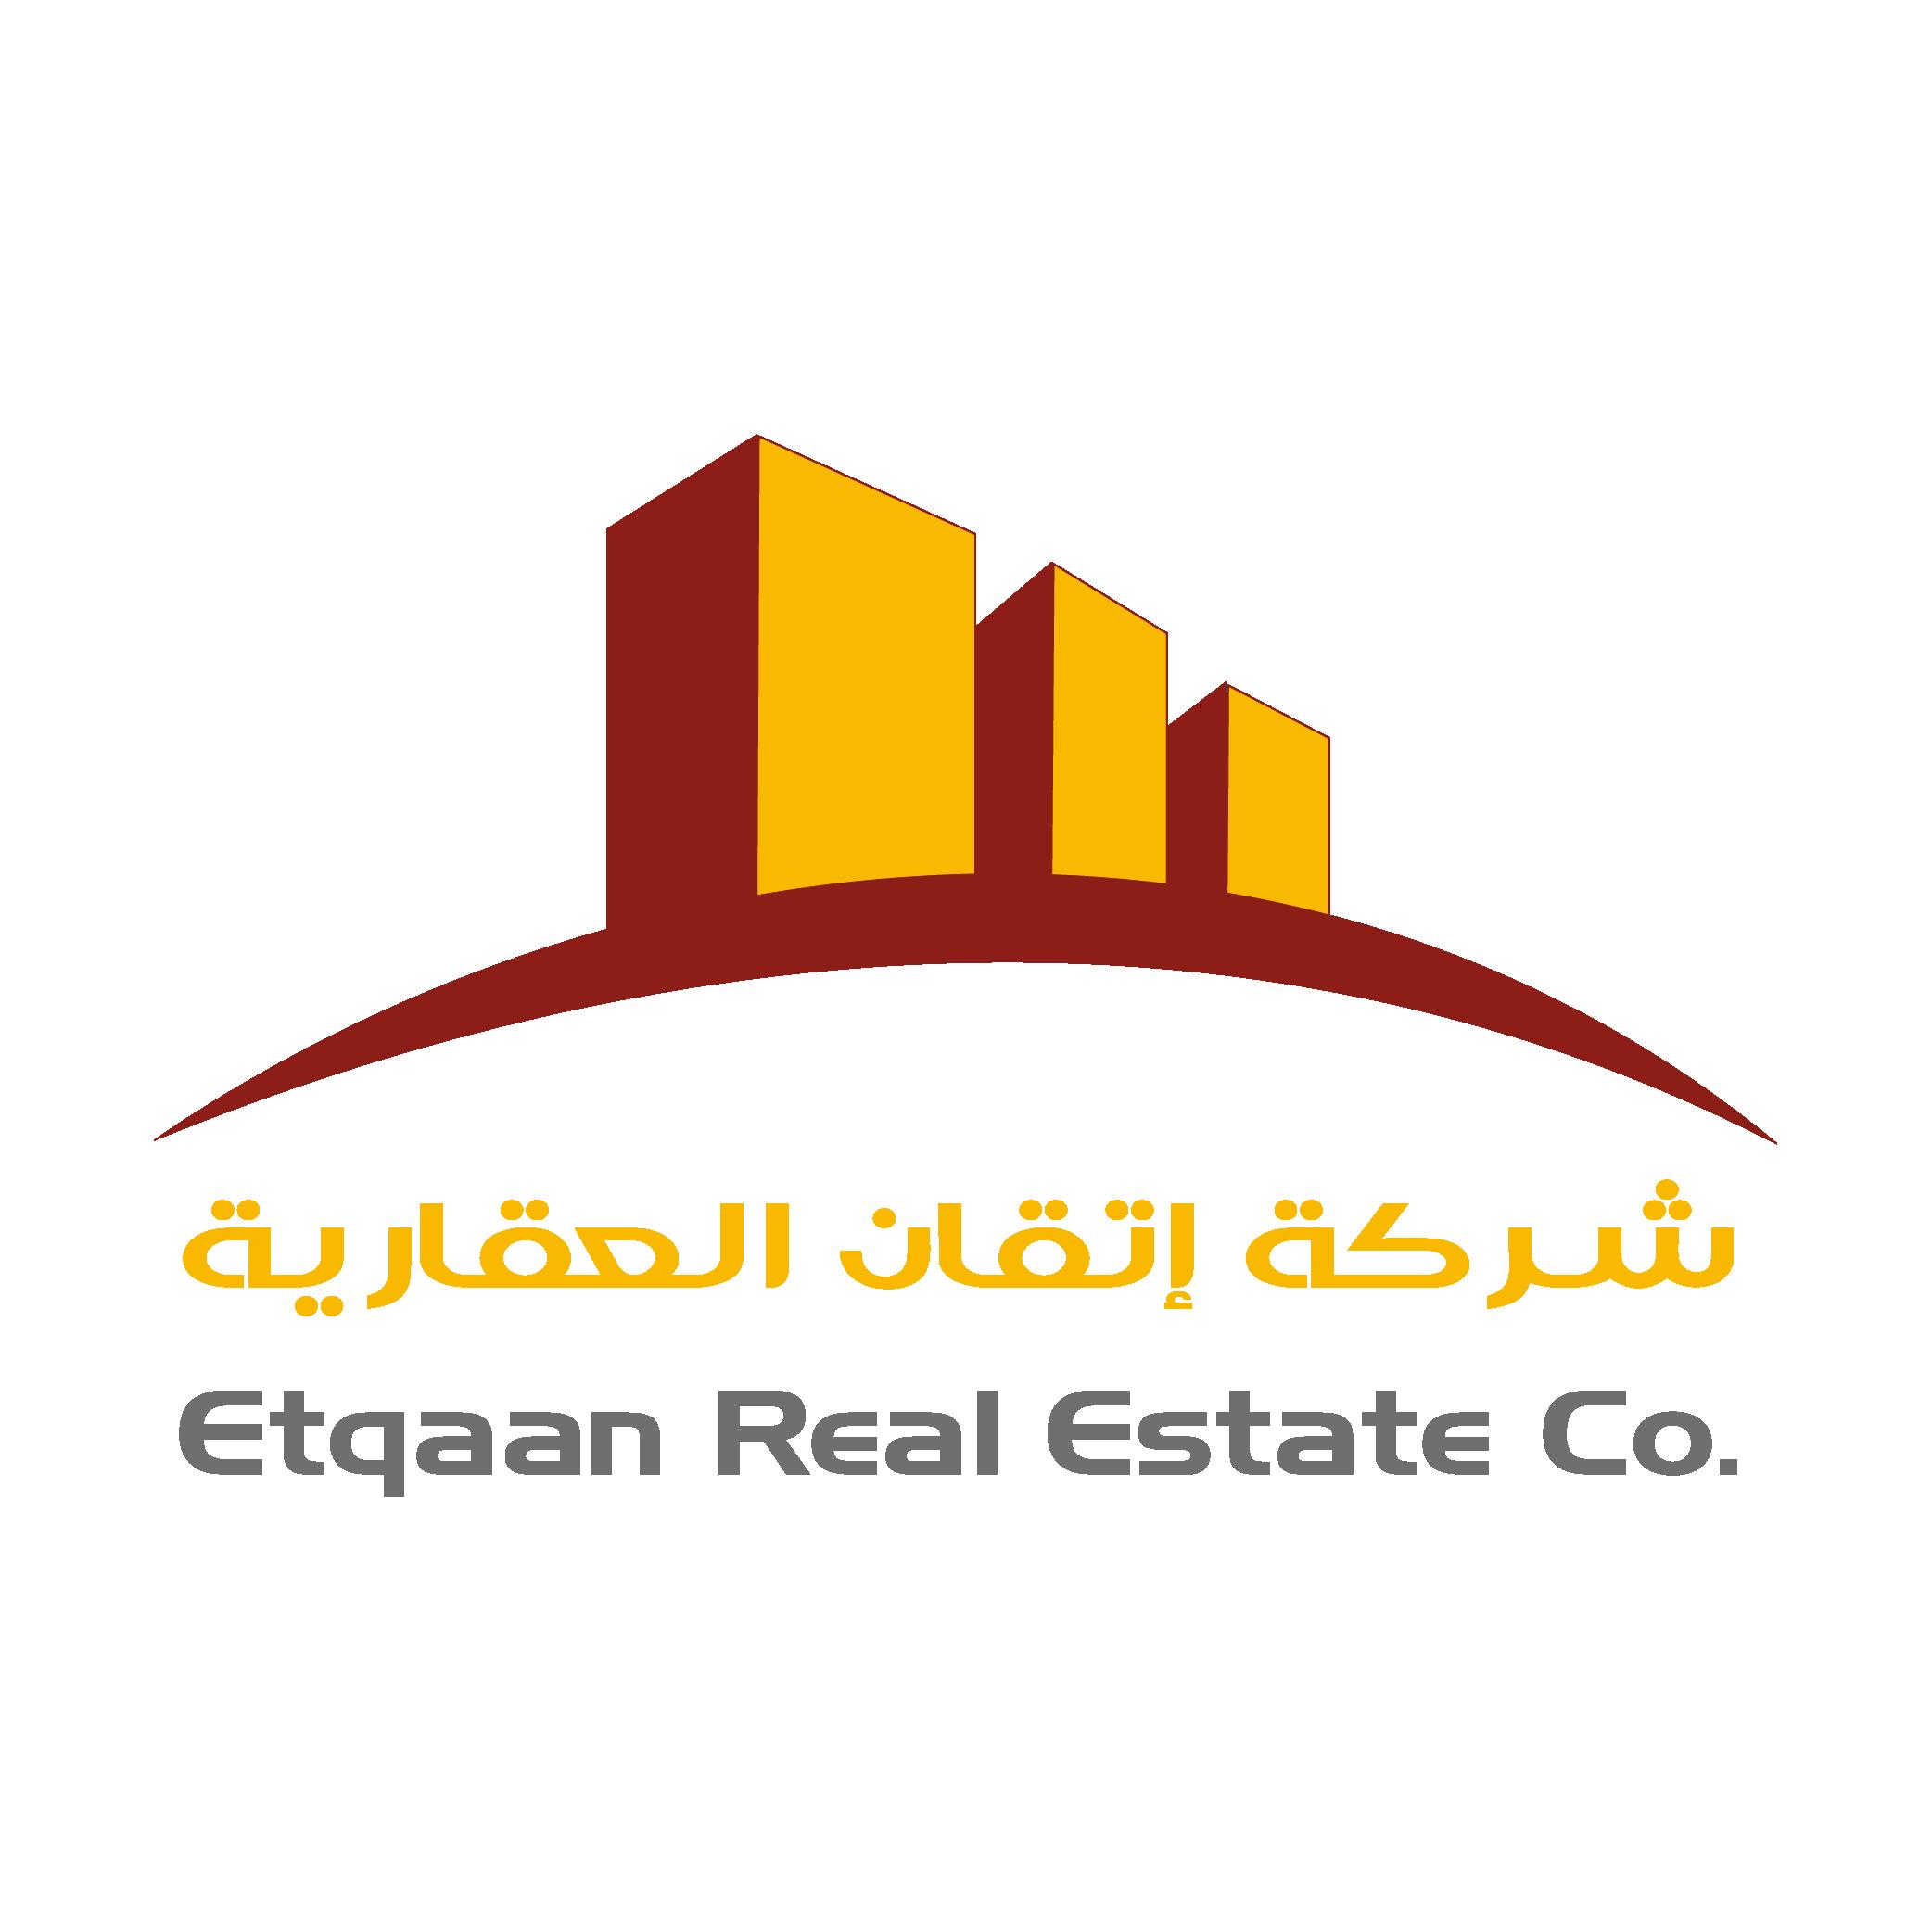 Etqaan